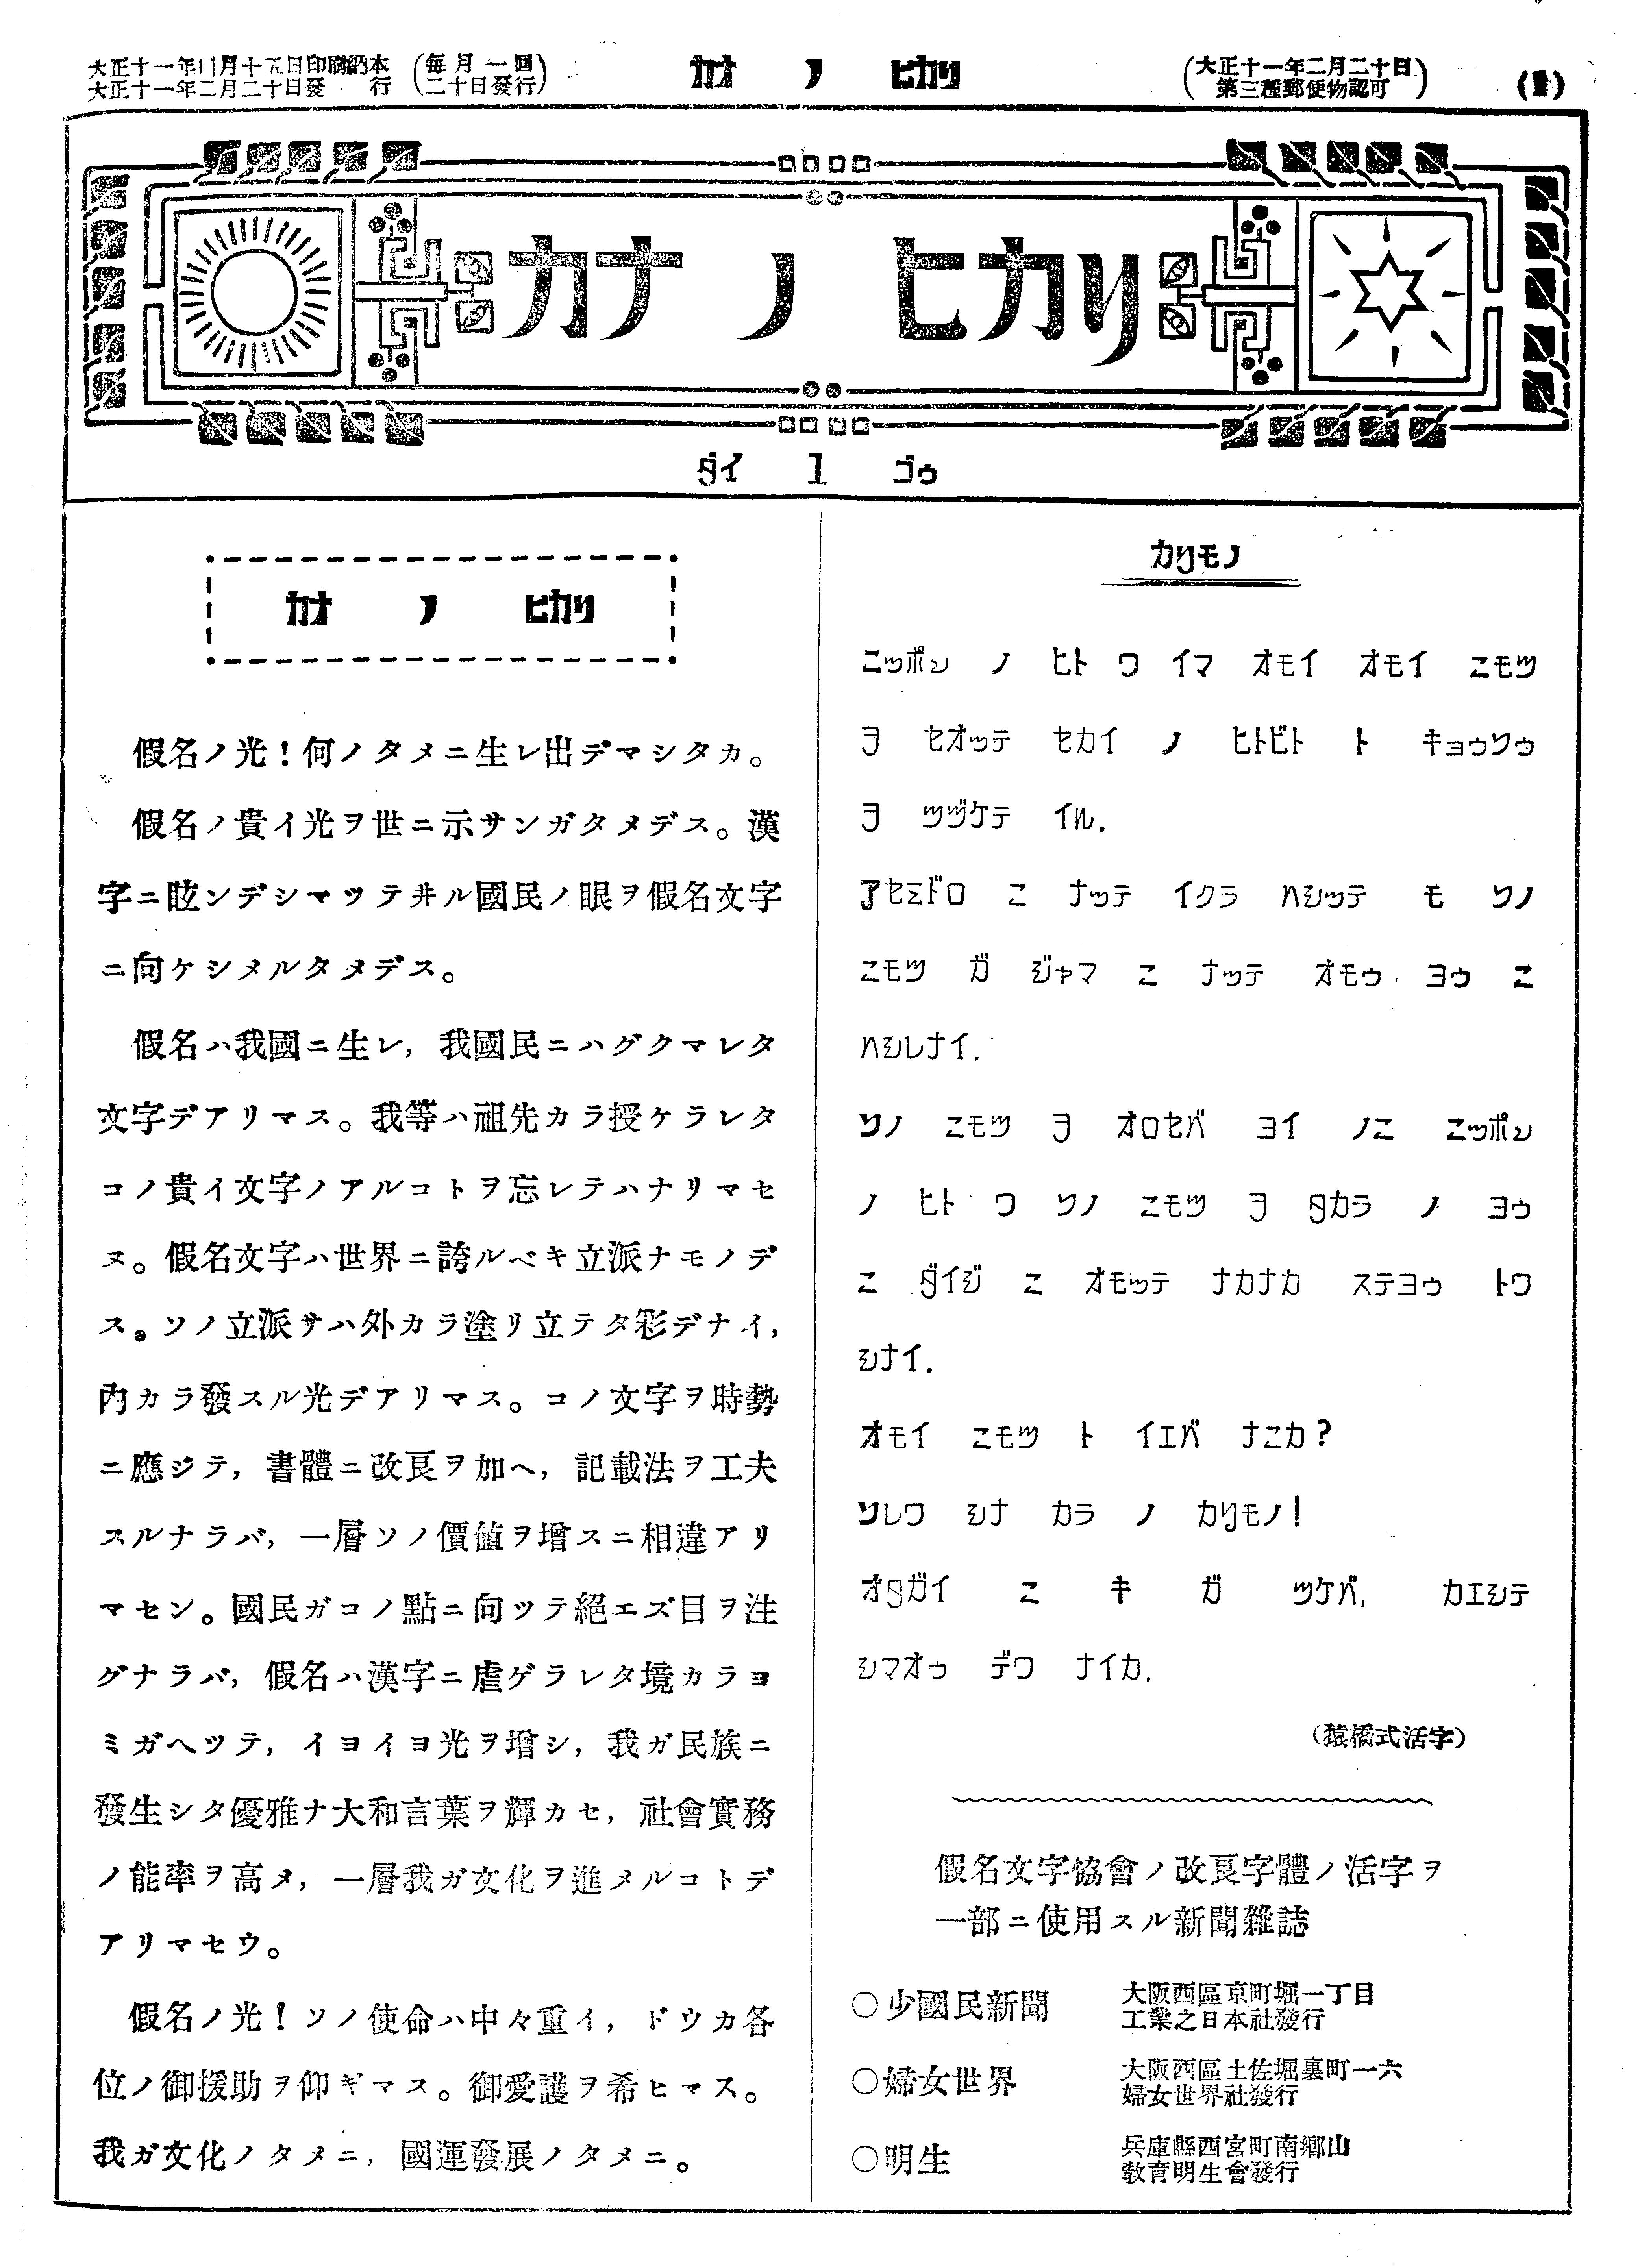 山下芳太郎(36) | タイプライタ...